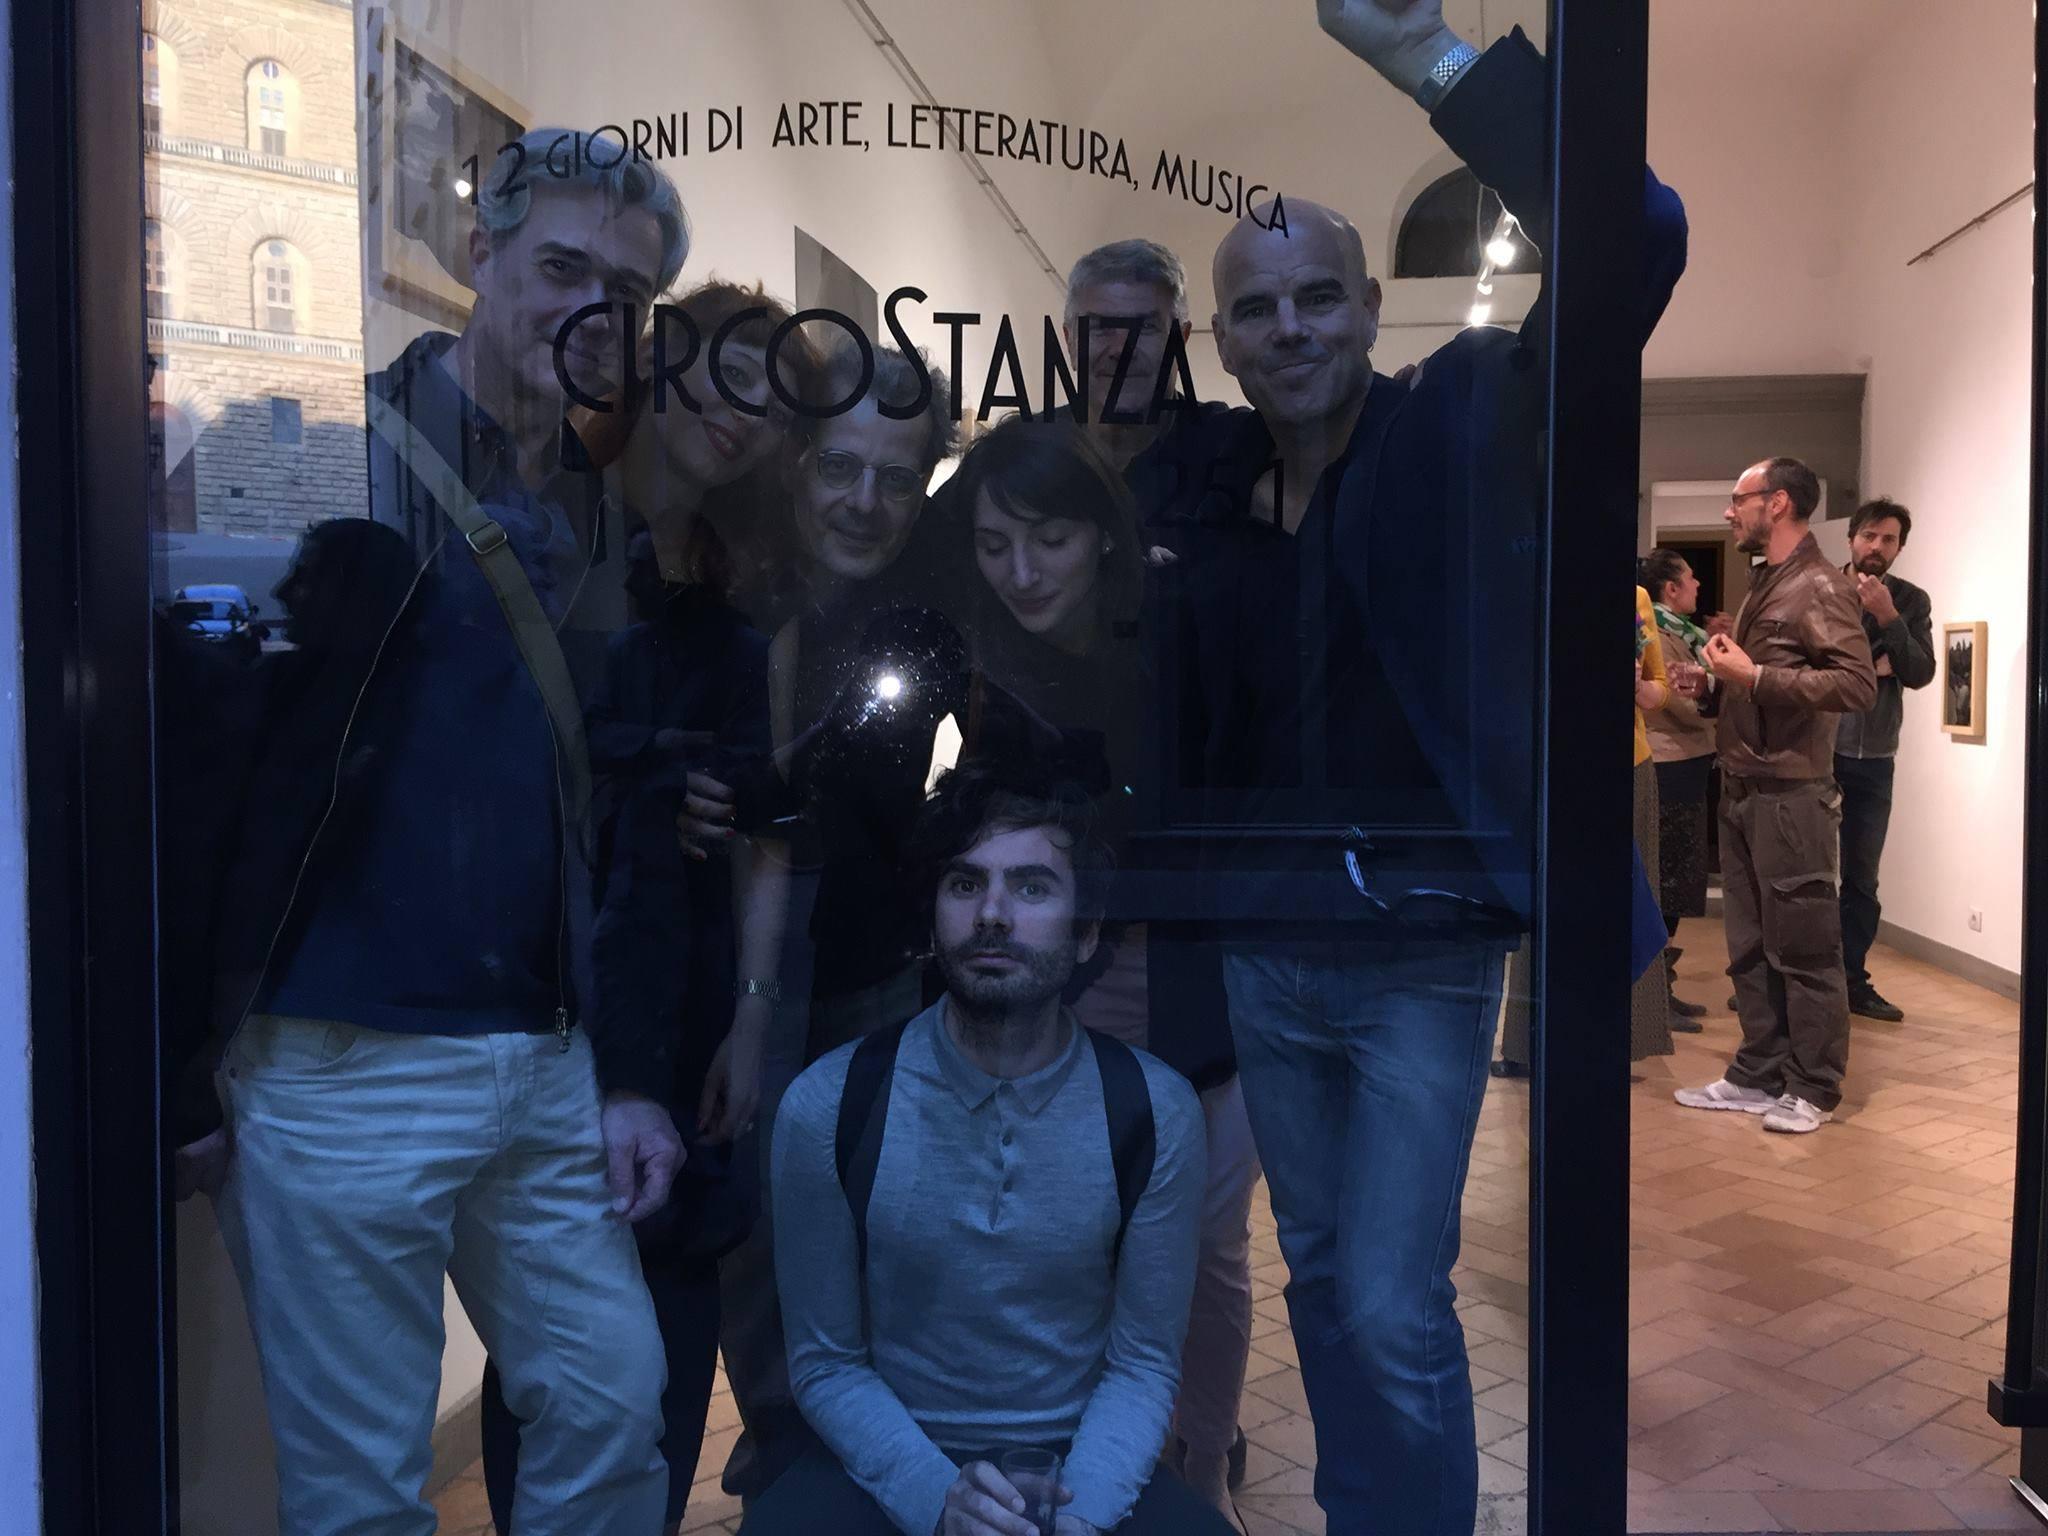 Primo giorno -da sinistra: Carlo Zei, Bärbel Reinhard, Stefano Loria, Simone Lisi, Lavinia Ferrone, Sergio Tossi, Matthew Licht